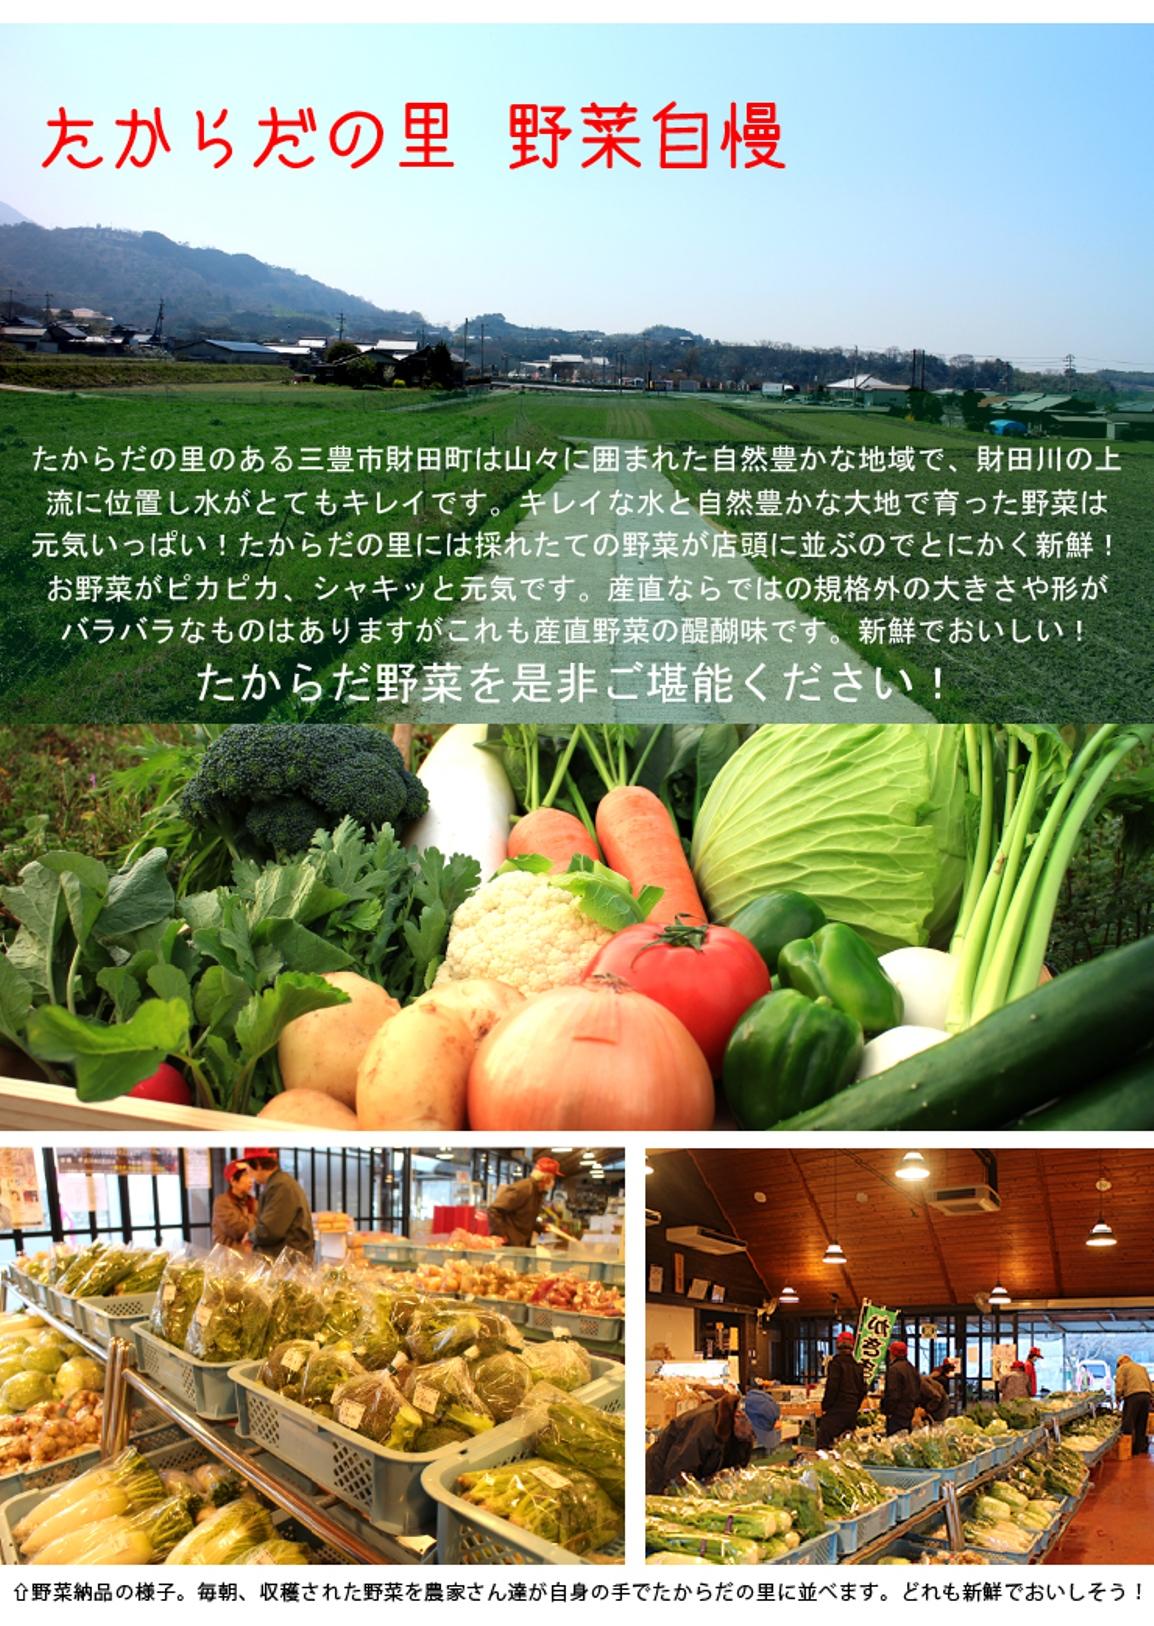 たからだの里のある財田町。綺麗な水と大地でピカピカ、シャキっと元気な野菜が育ちます。